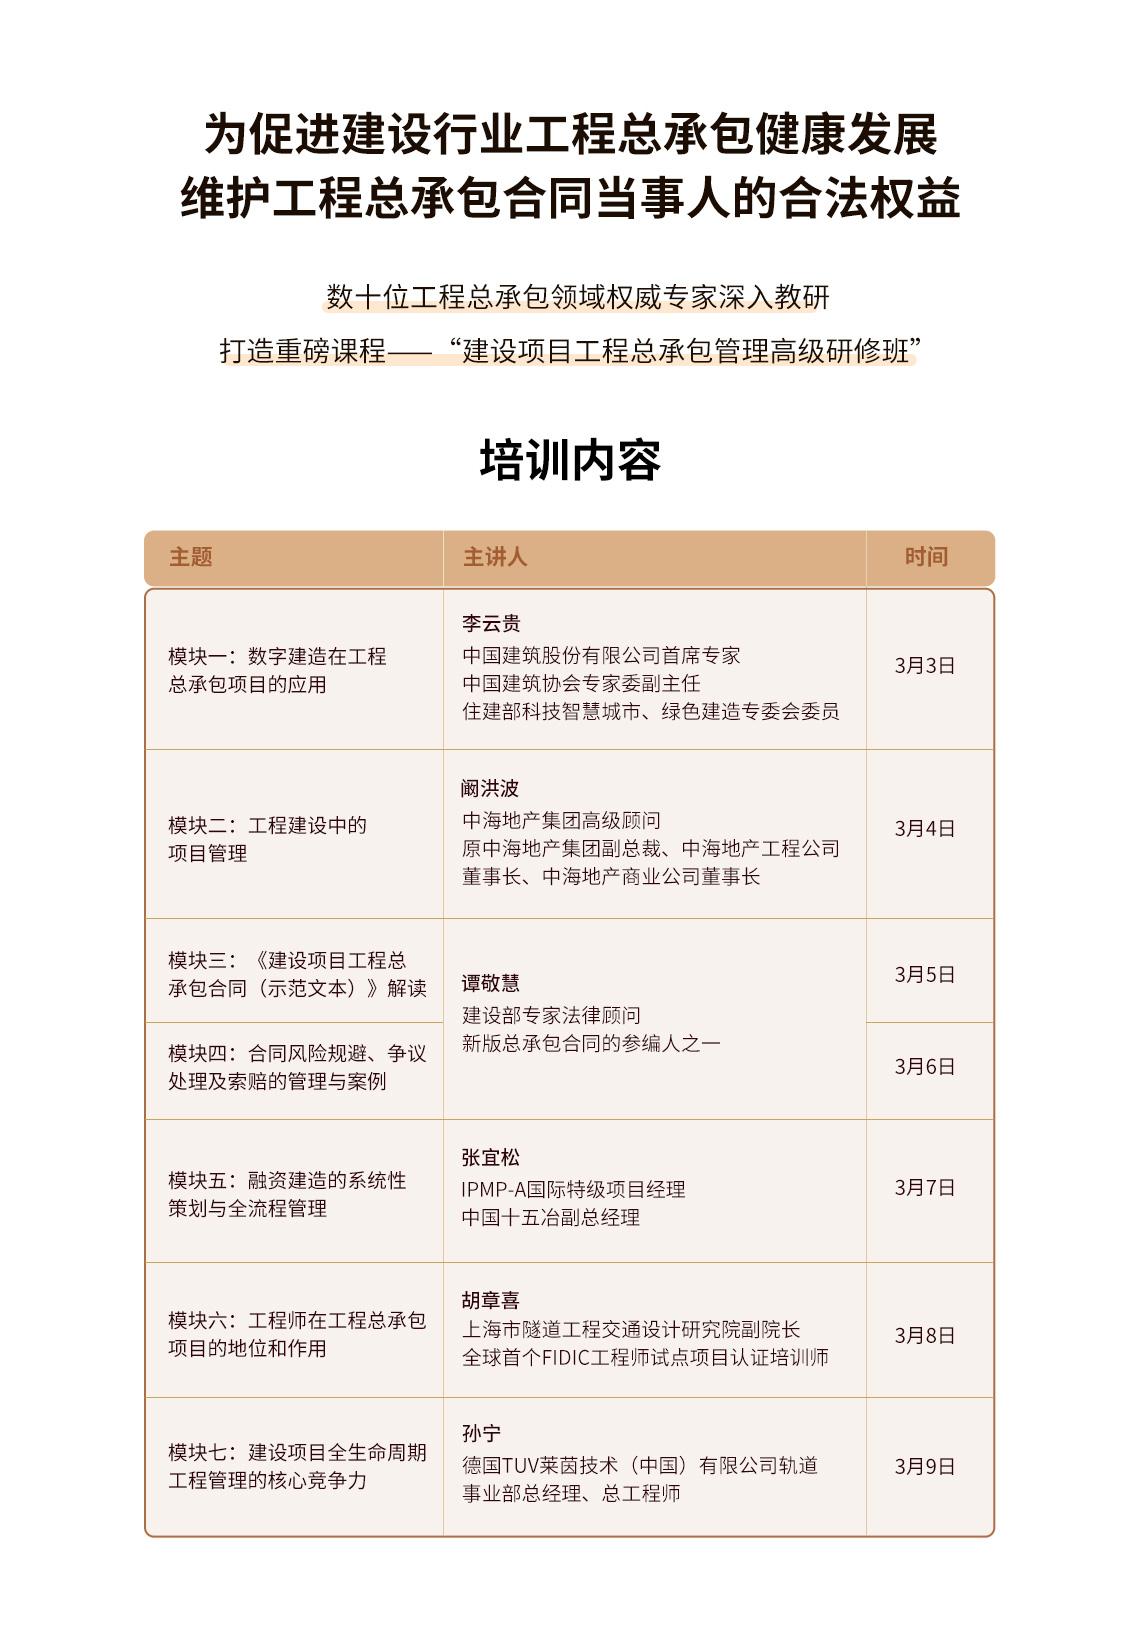 为促进建设行业工程总承包健康发展、维护工程总承包合同当事人的合法权益,依据《中华人民共和国民法典》、《中华人民共和国建筑法》、《中华人民共和国招标投标法》以及相关法律、法规